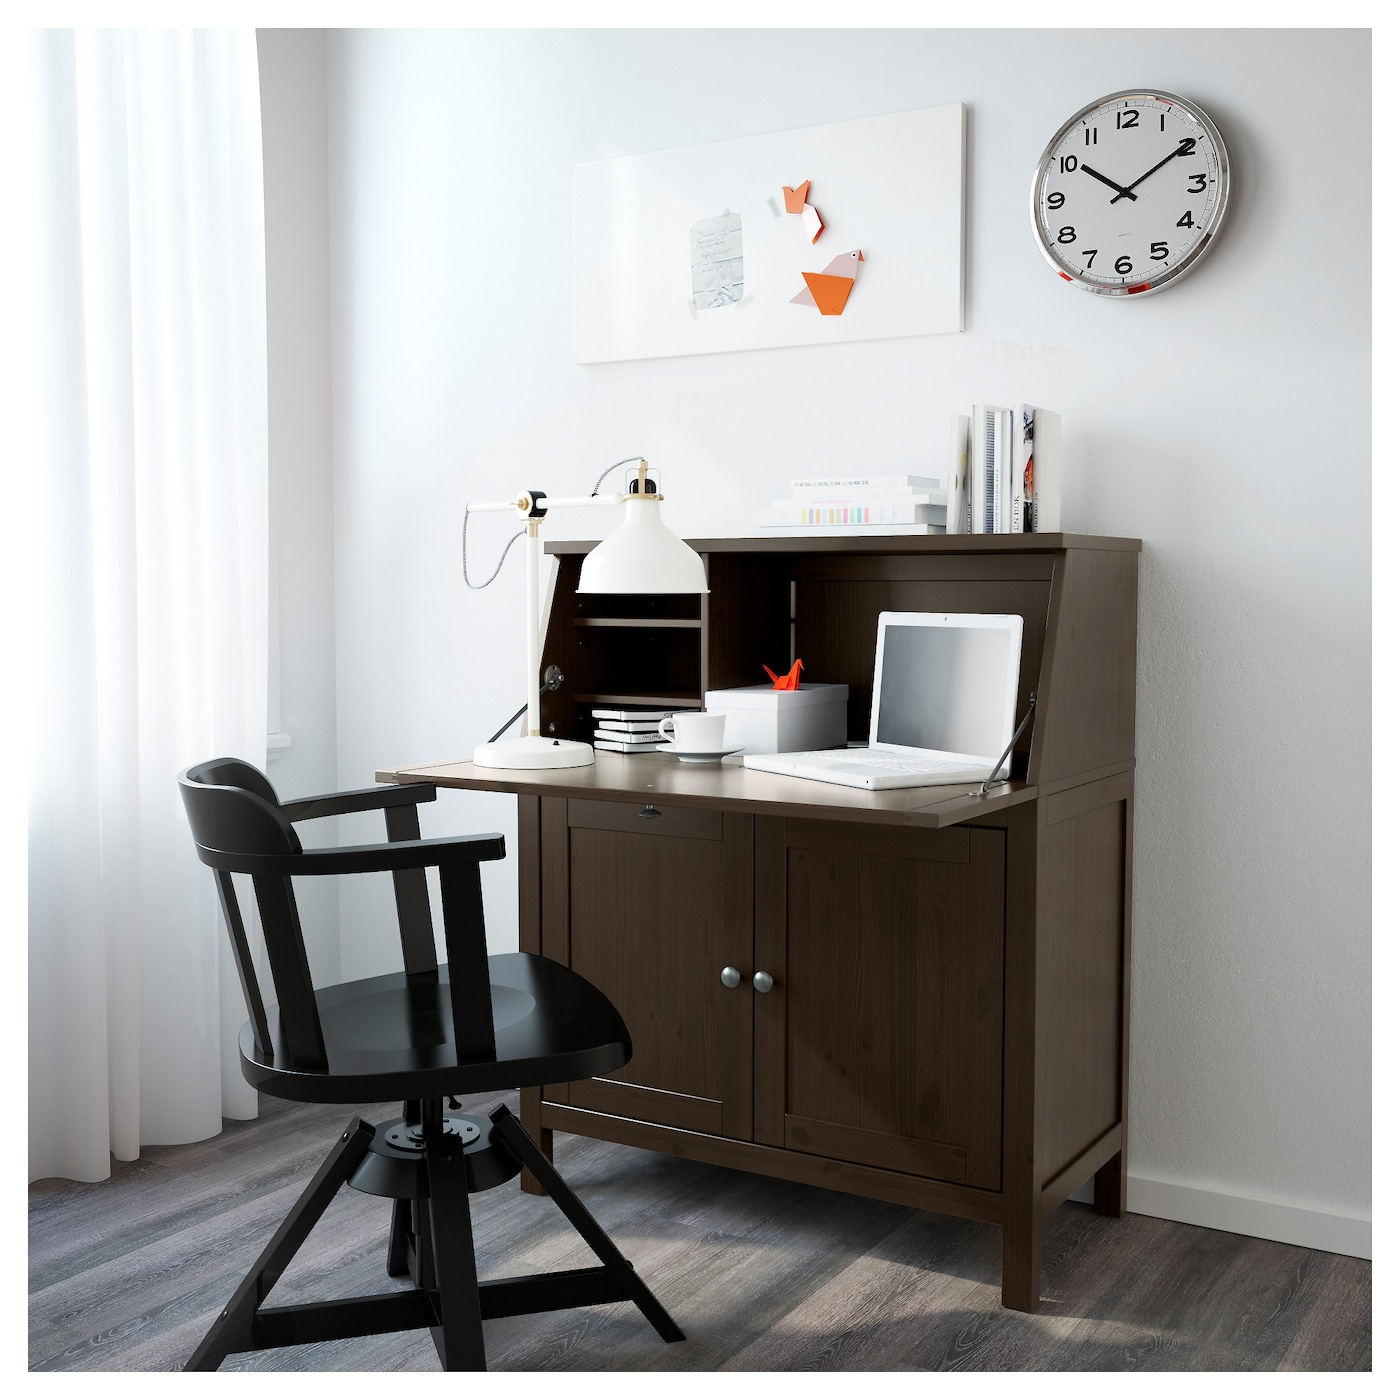 ikea hemnes bureau solid wood is a durable natural material - Ikea Hemnes Bureau